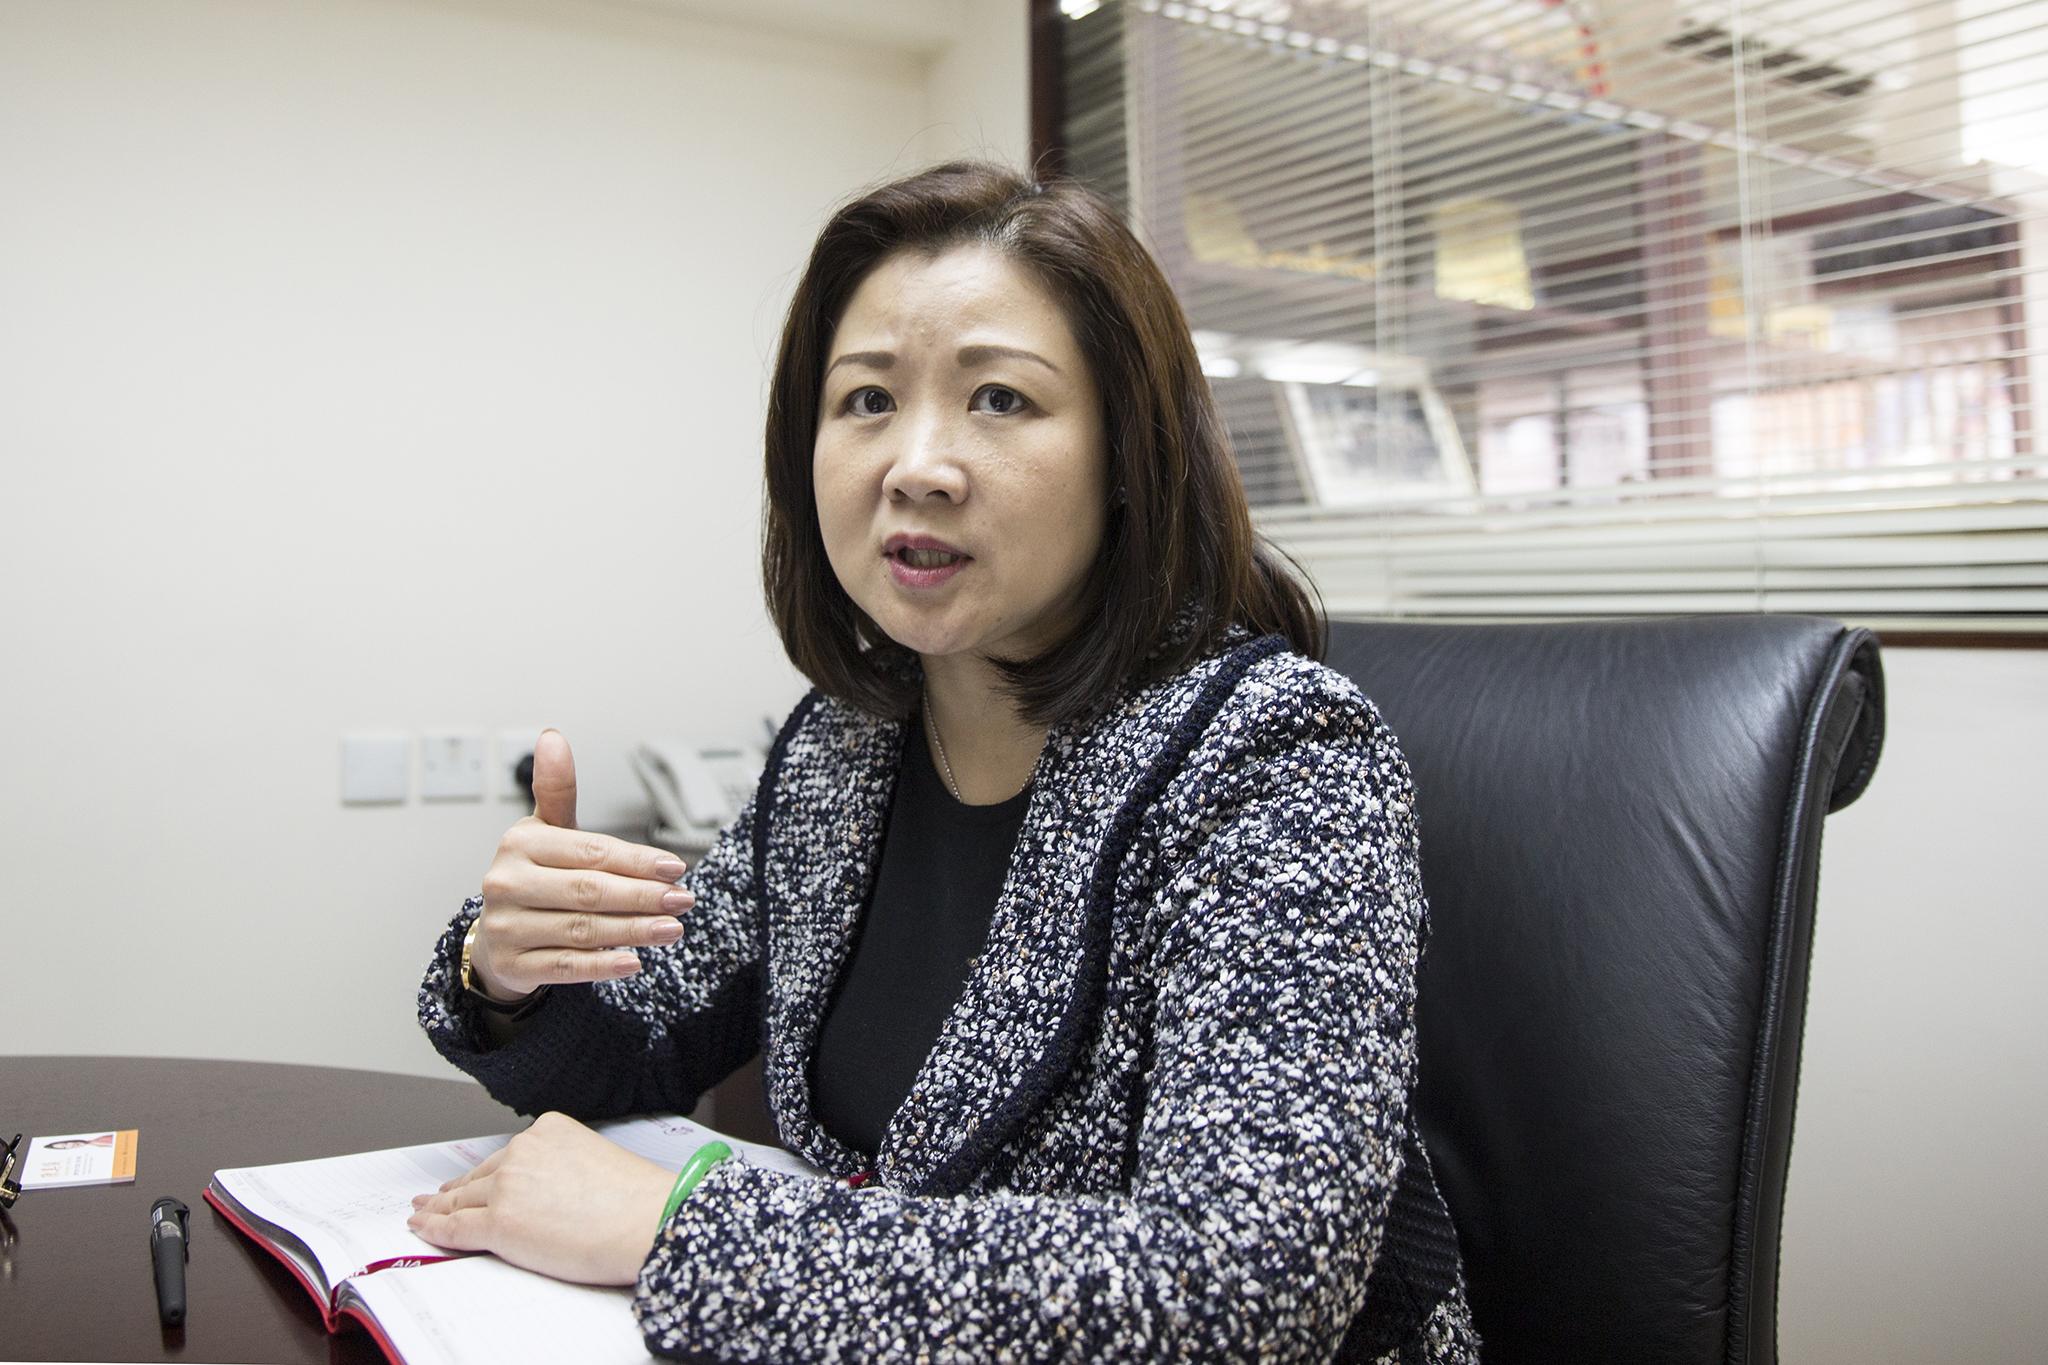 Macau Legend | David Chow substituído por Melinda Chan na posição de CEO